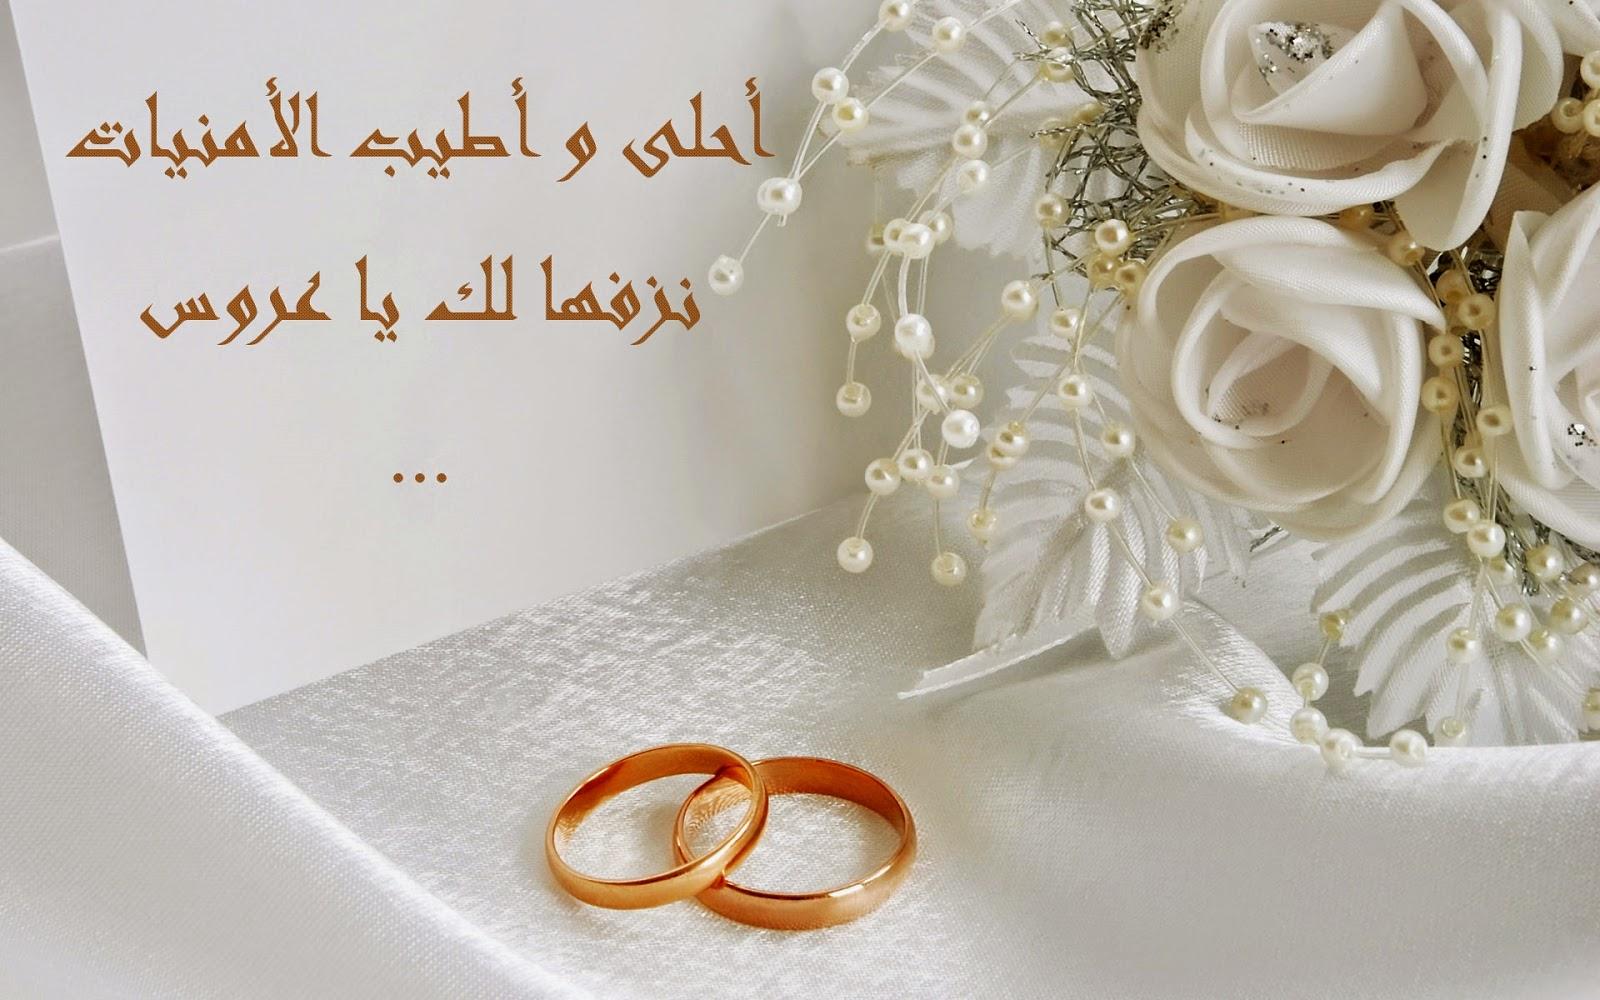 صور بطاقة تهنئة زواج , اروع اشكال كروت تهنئة للعروسين